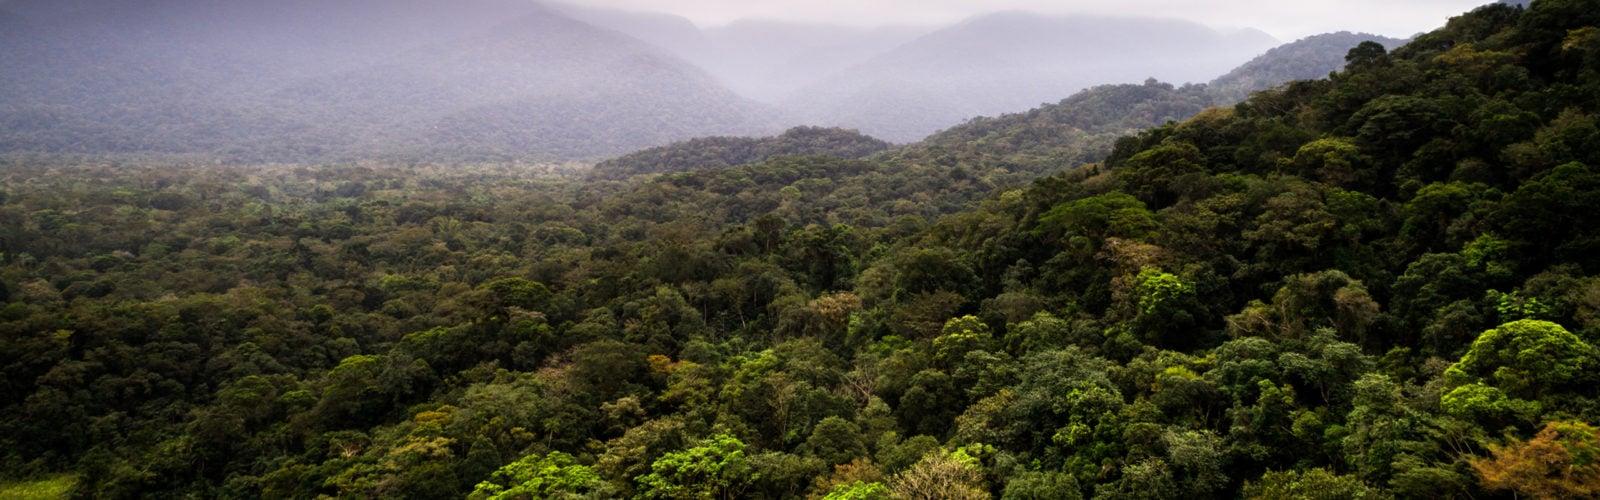 colombia-amazon-jungle